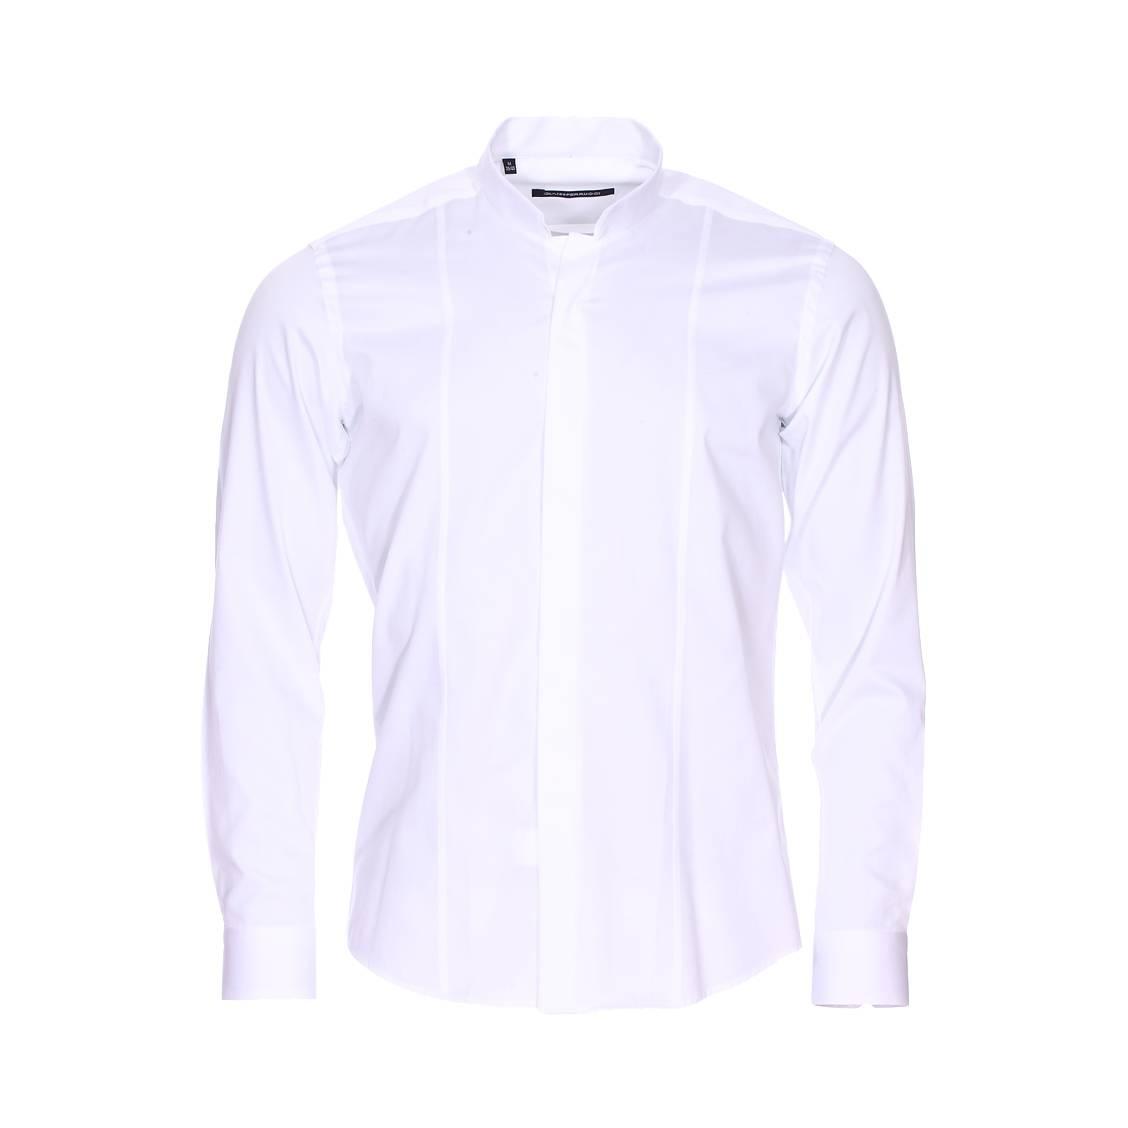 chemise cintr e gianni ferrucci en coton blanc col invers rue des hommes. Black Bedroom Furniture Sets. Home Design Ideas